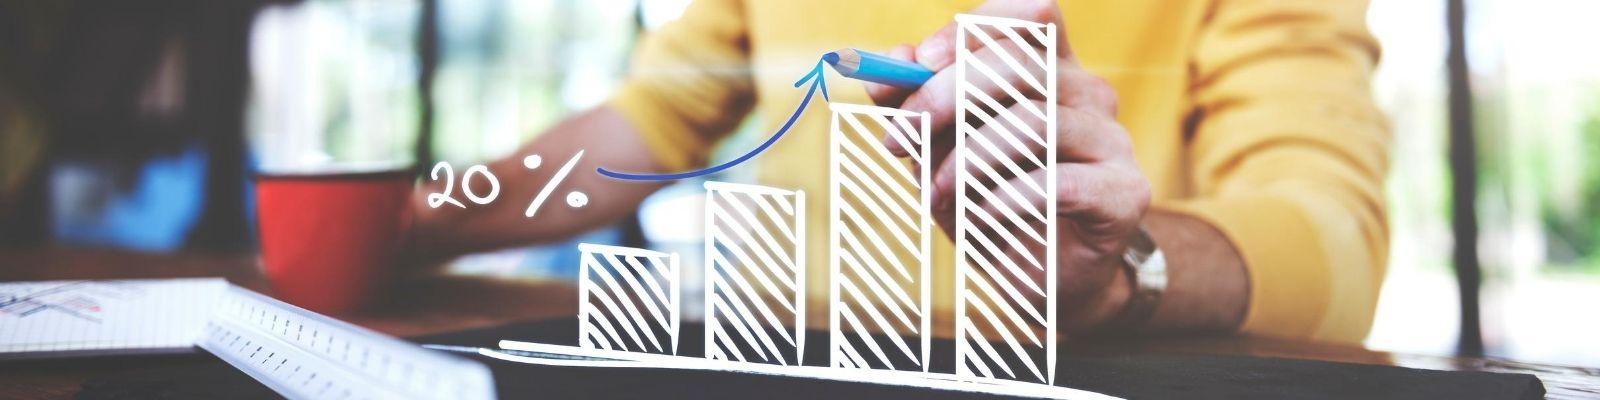 Cómo aumentar la cesta media en eCommerce con marketing automation